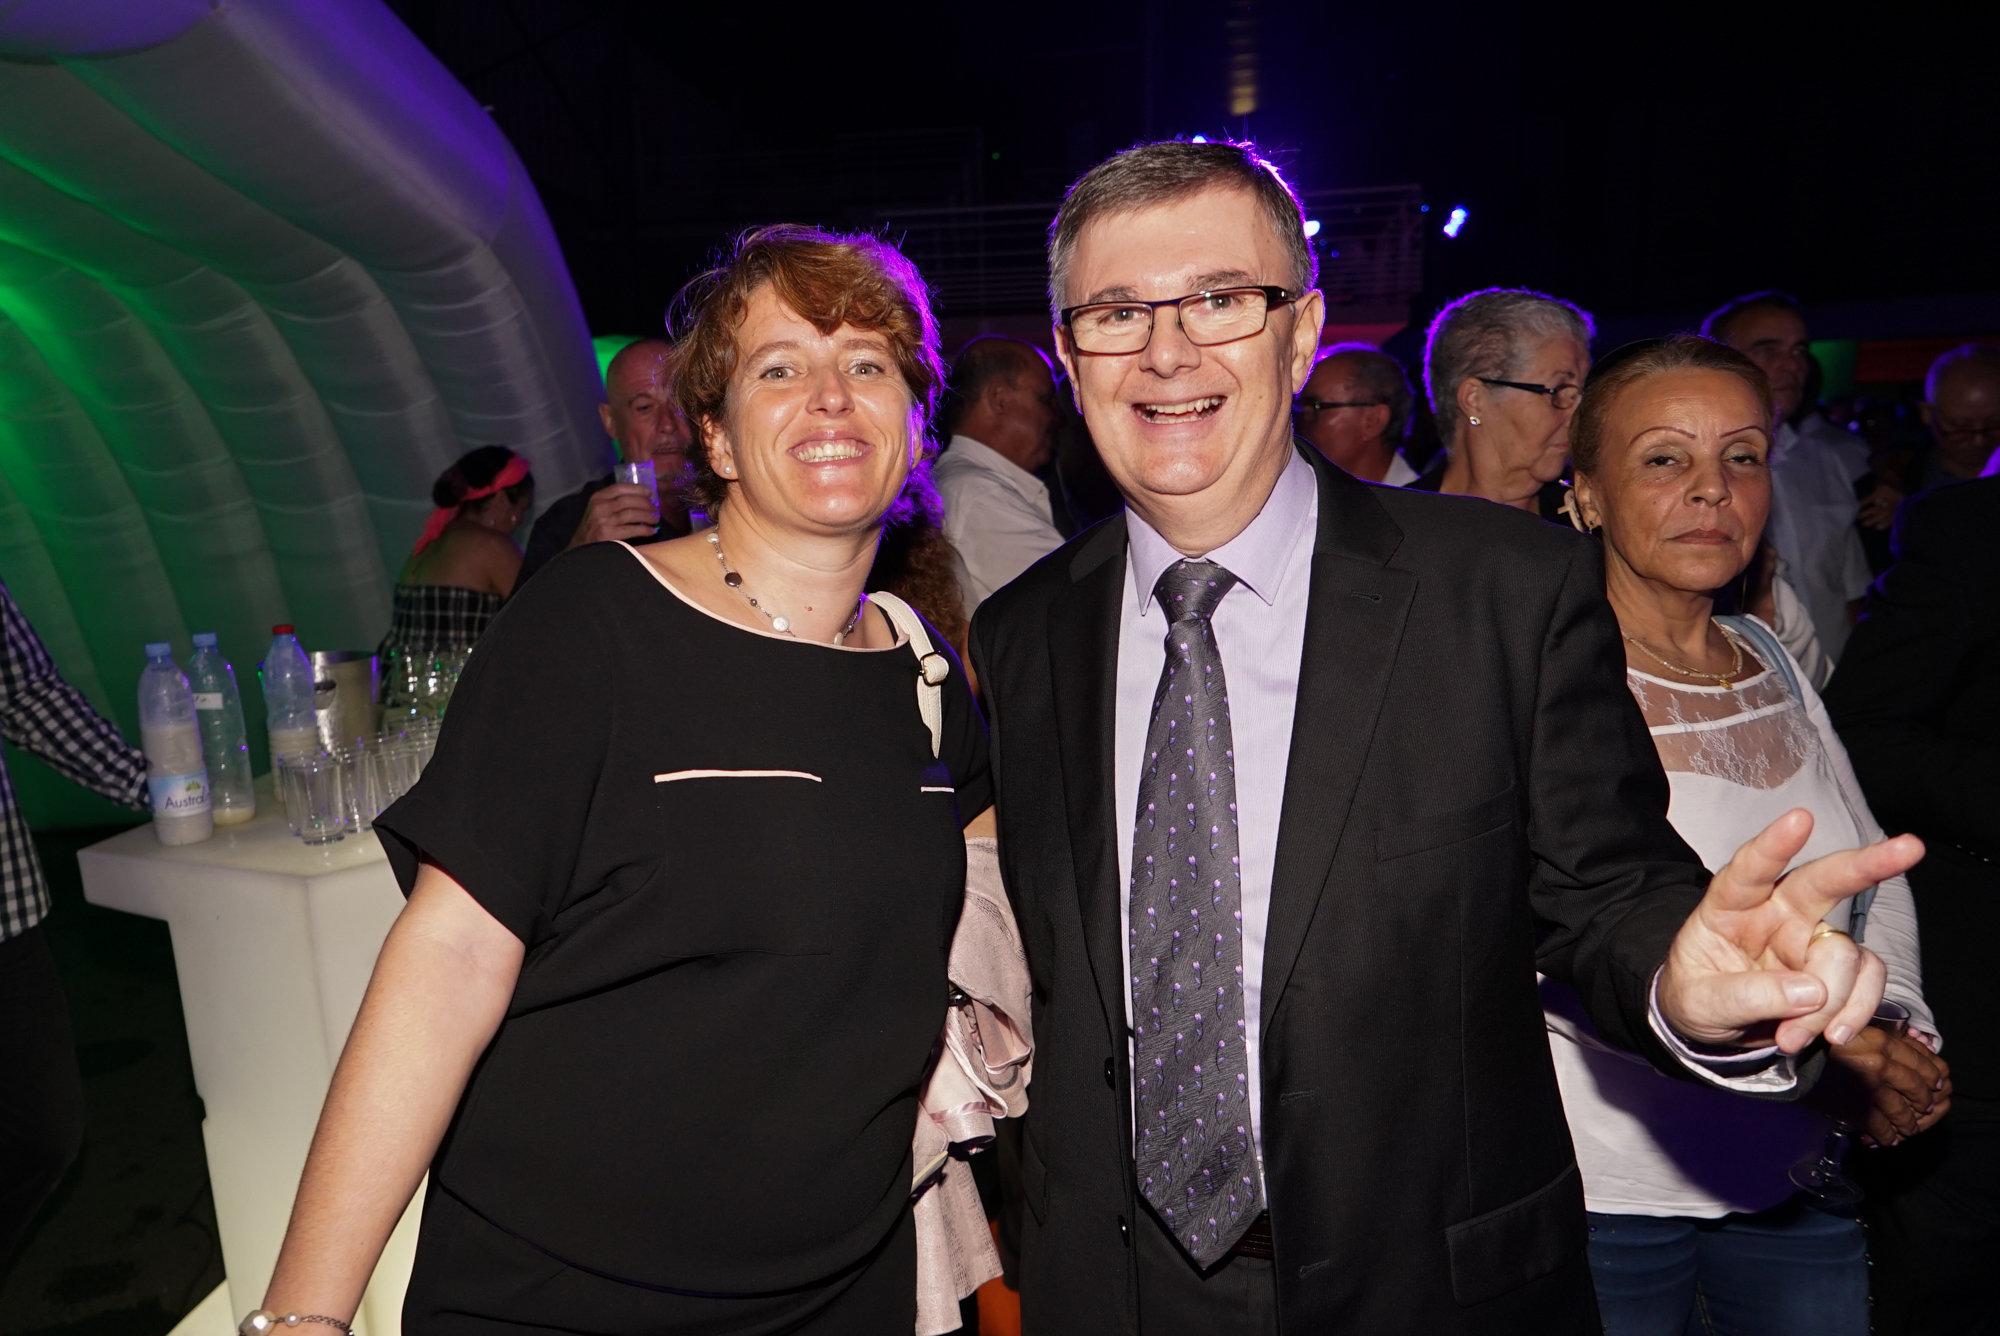 Mercedes Fargetton, directrice Service Clients de Groupama, et Hubert Le Grain, Responsable des Assurances de la personne à Groupama